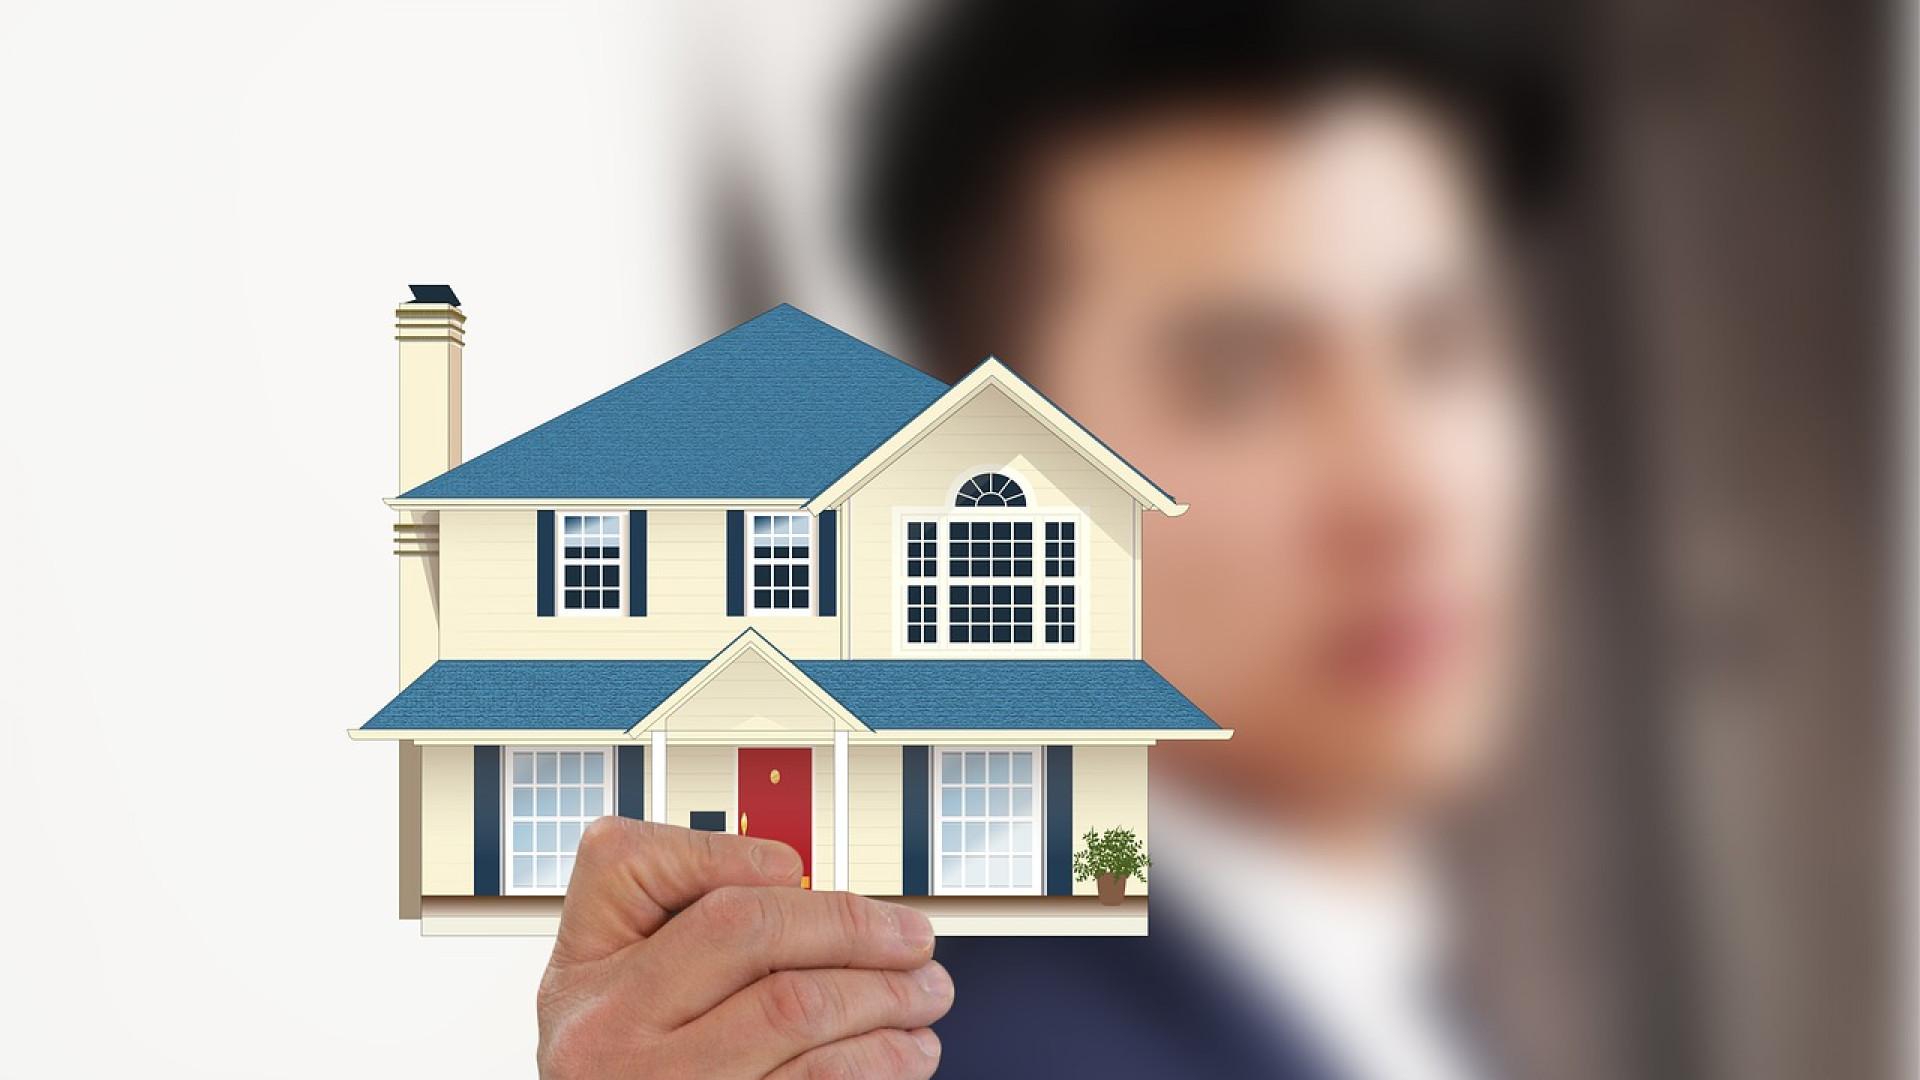 Comment optimiser vos ventes immobilières ?